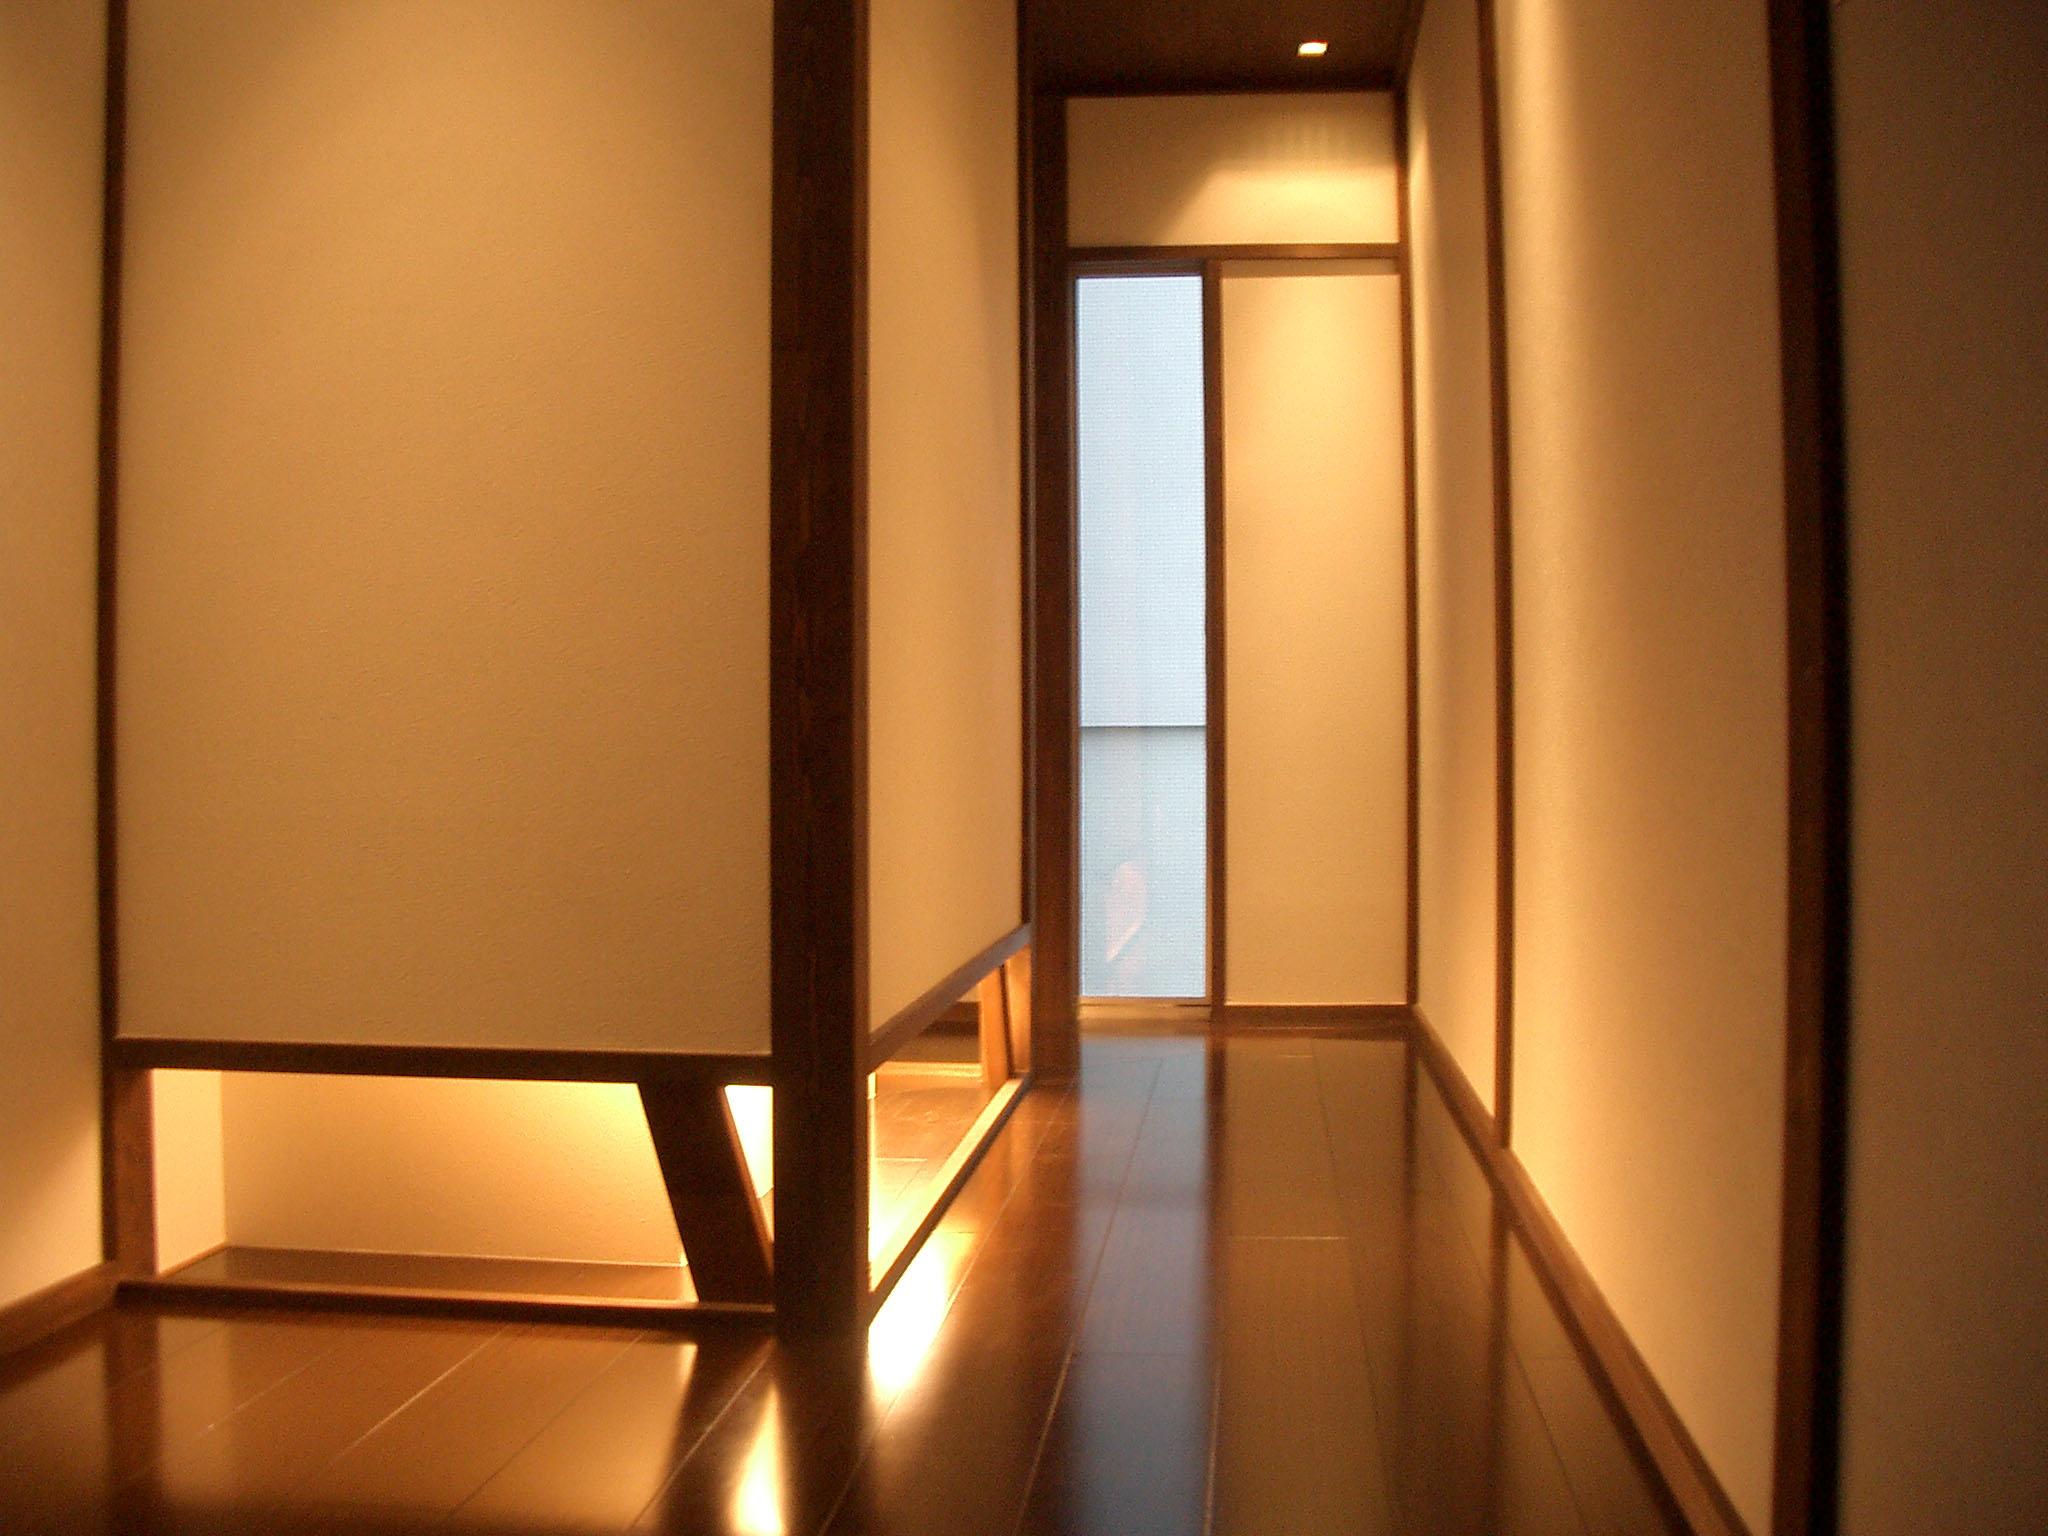 個人住宅の廊下の様子です